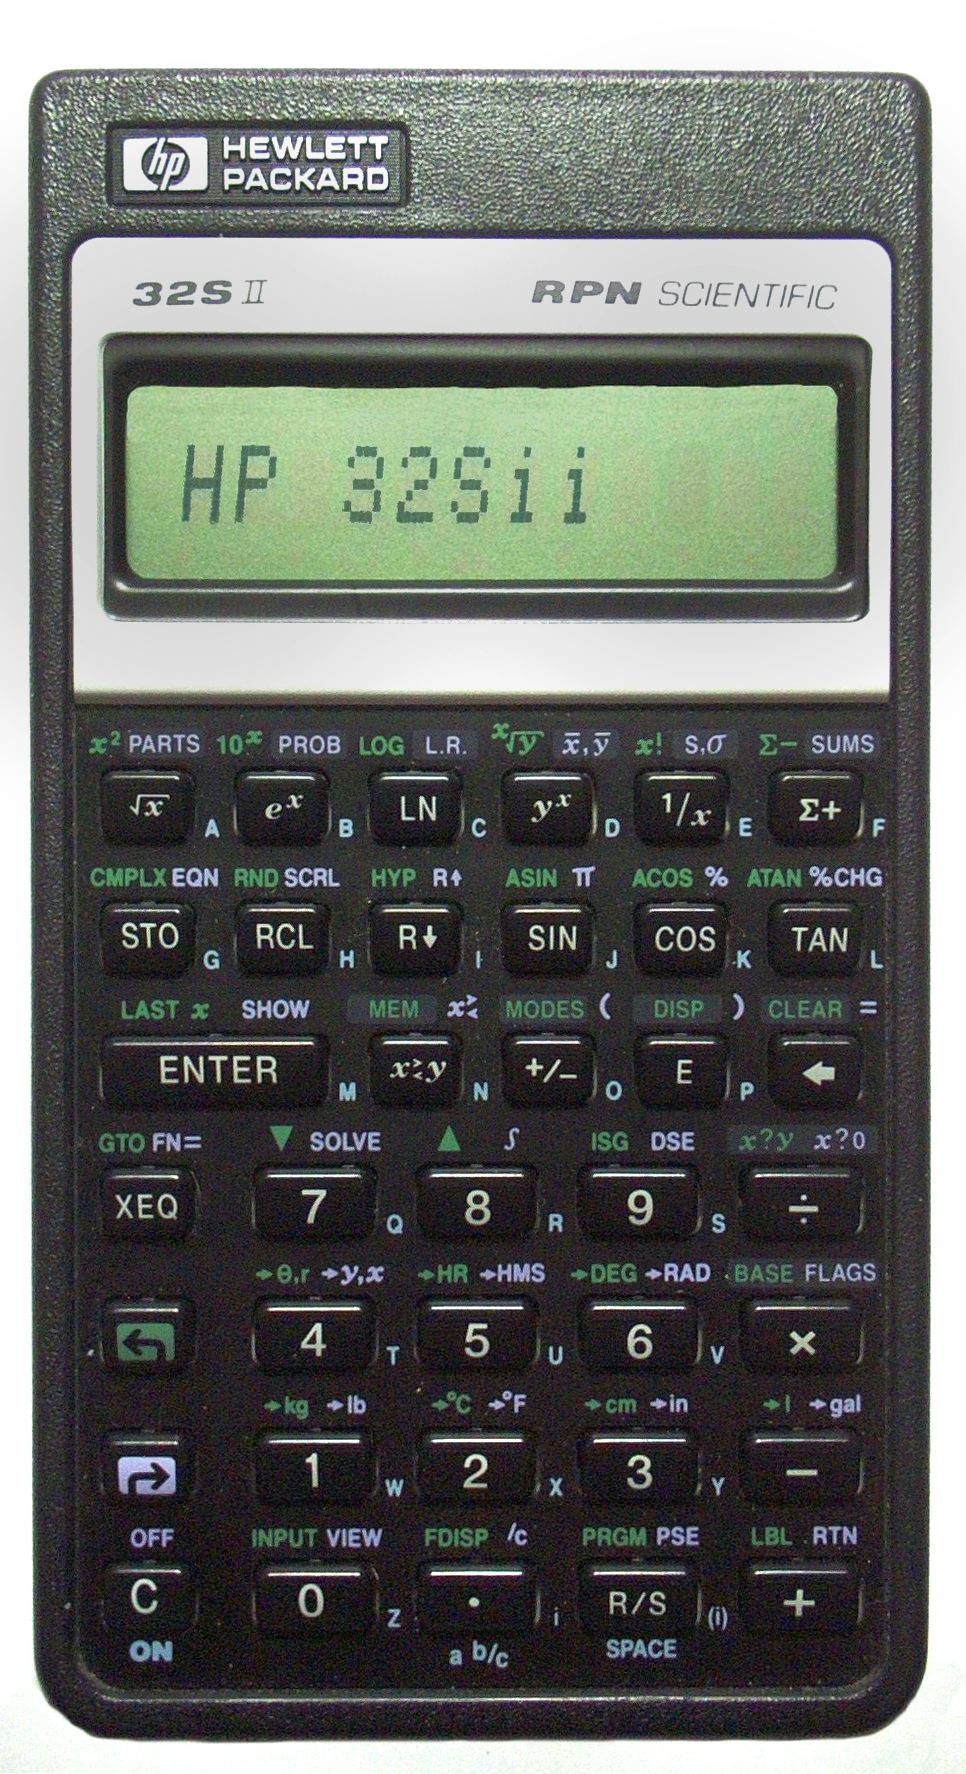 hp 32s wikipedia rh en wikipedia org Old Hewlett-Packard Calculators Hewlett-Packard HP 17 Calculator